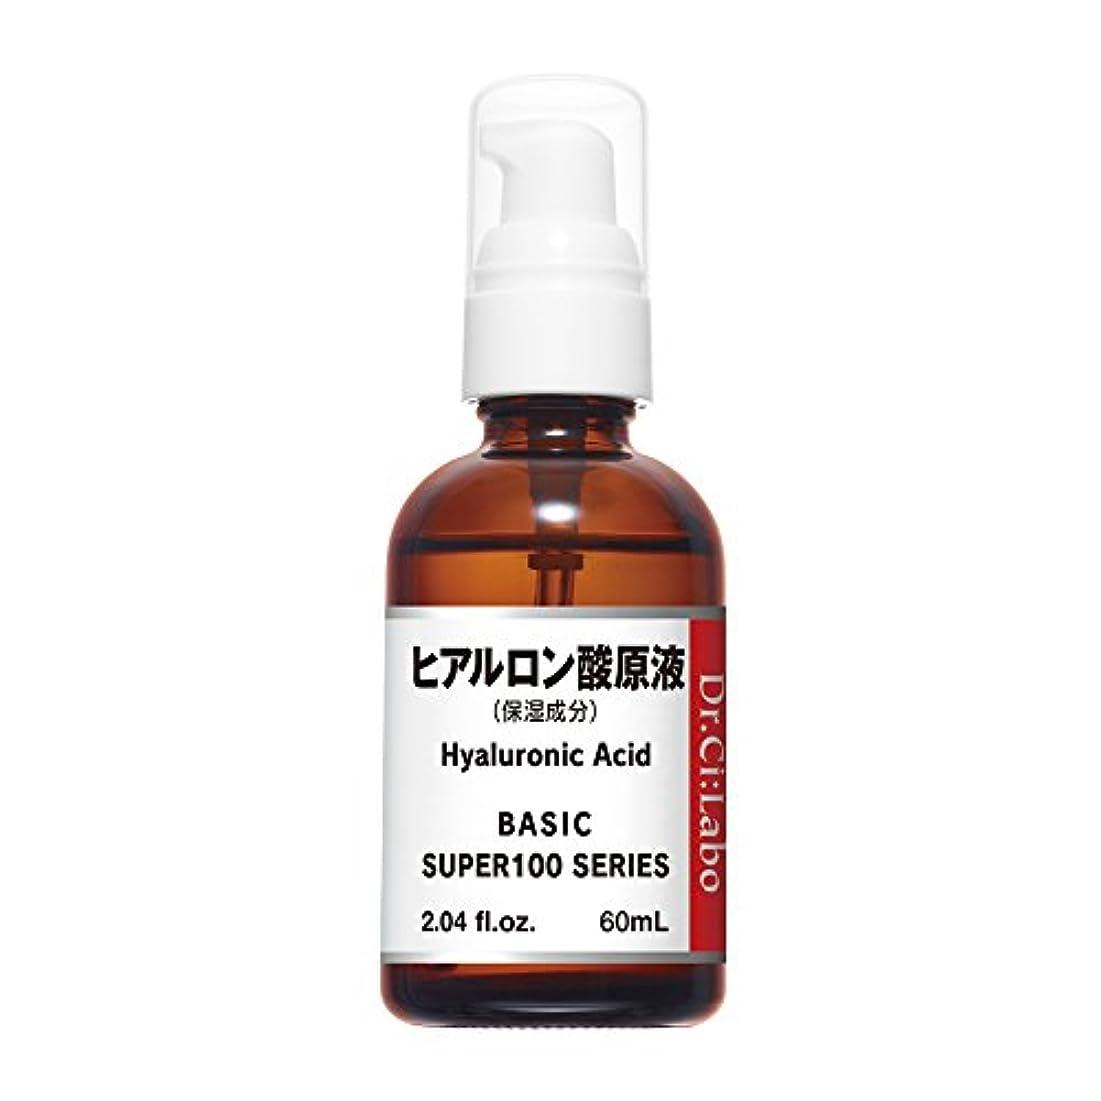 ペニー消すチューインガムドクターシーラボ スーパー100シリーズ ヒアルロン酸原液 60mL(BIG) 原液化粧品